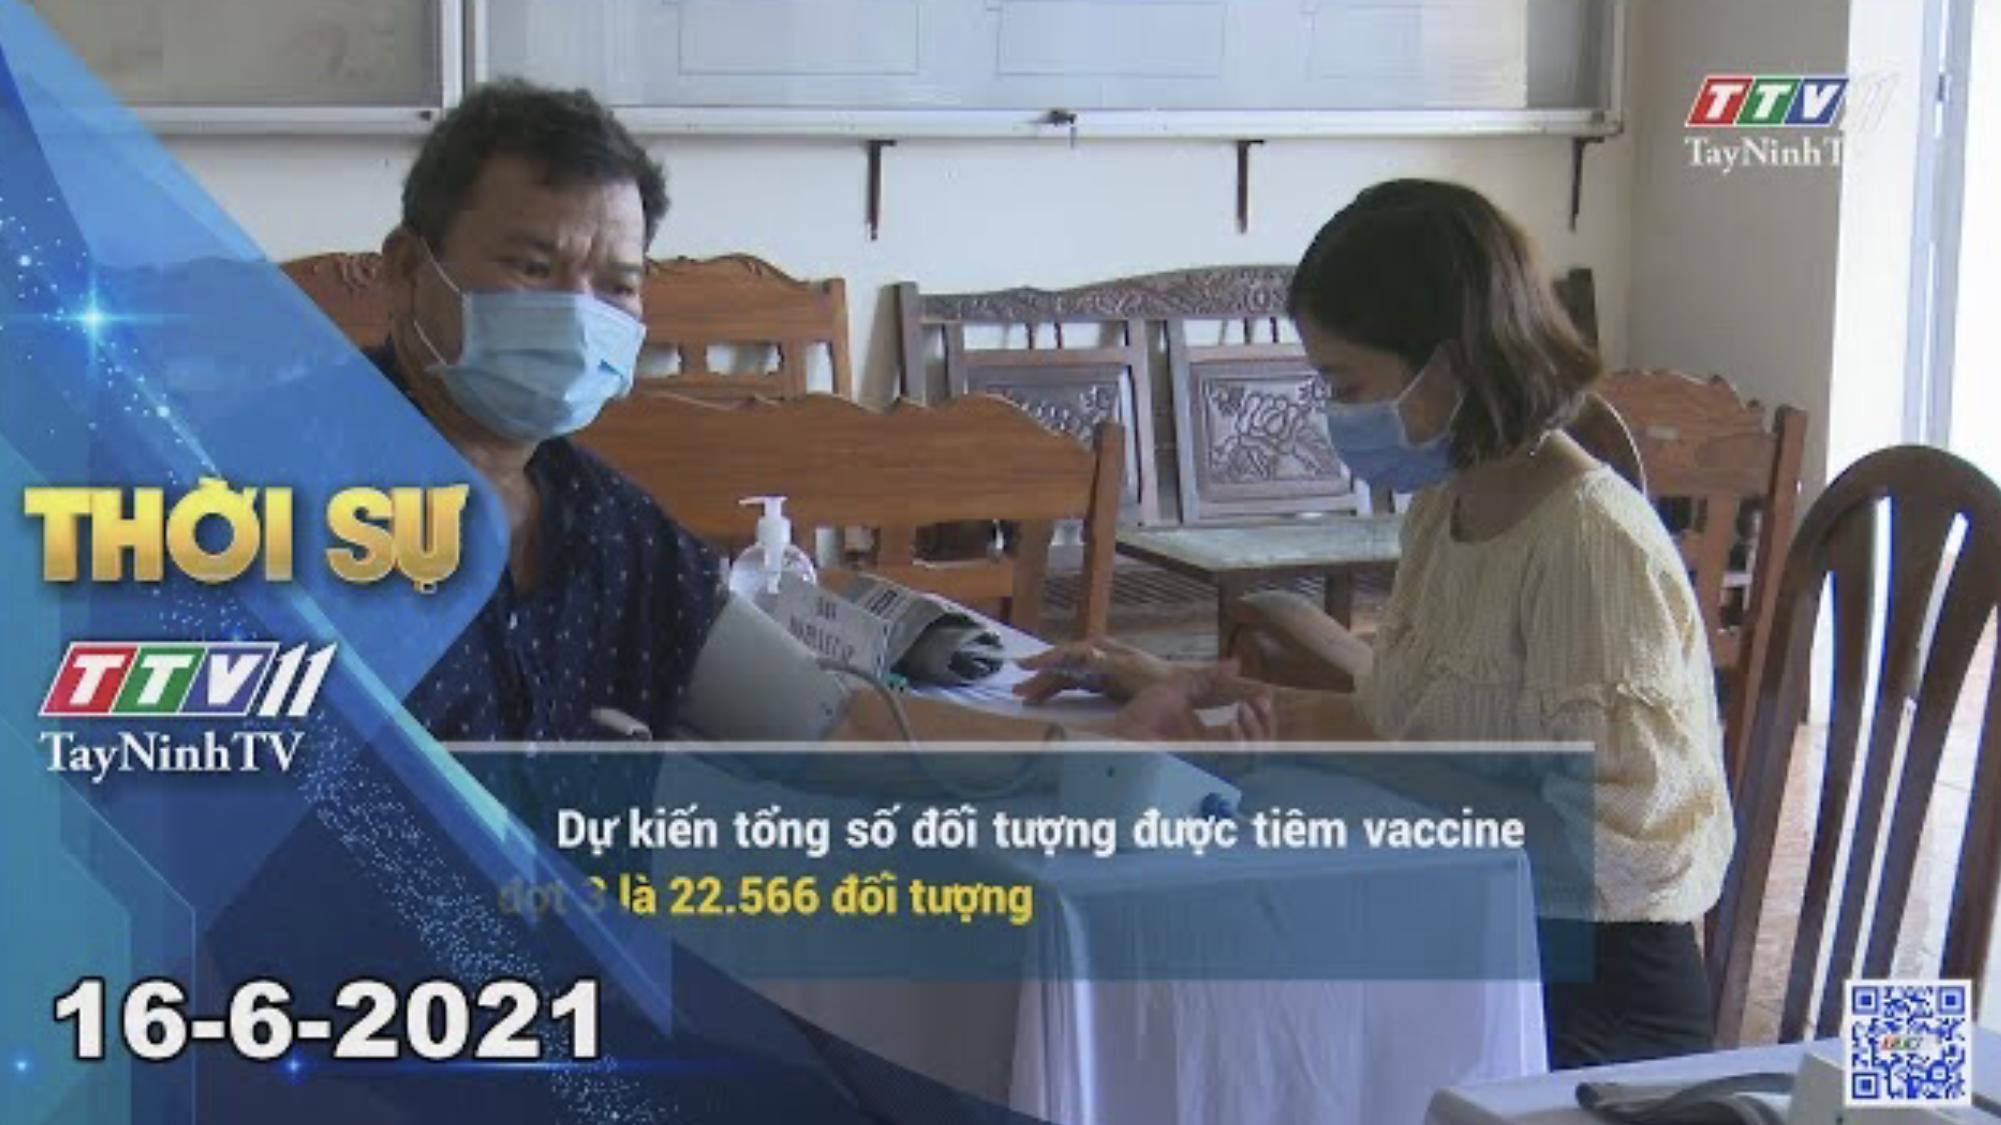 Thời sự Tây Ninh 16-6-2021 | Tin tức hôm nay | TayNinhTV